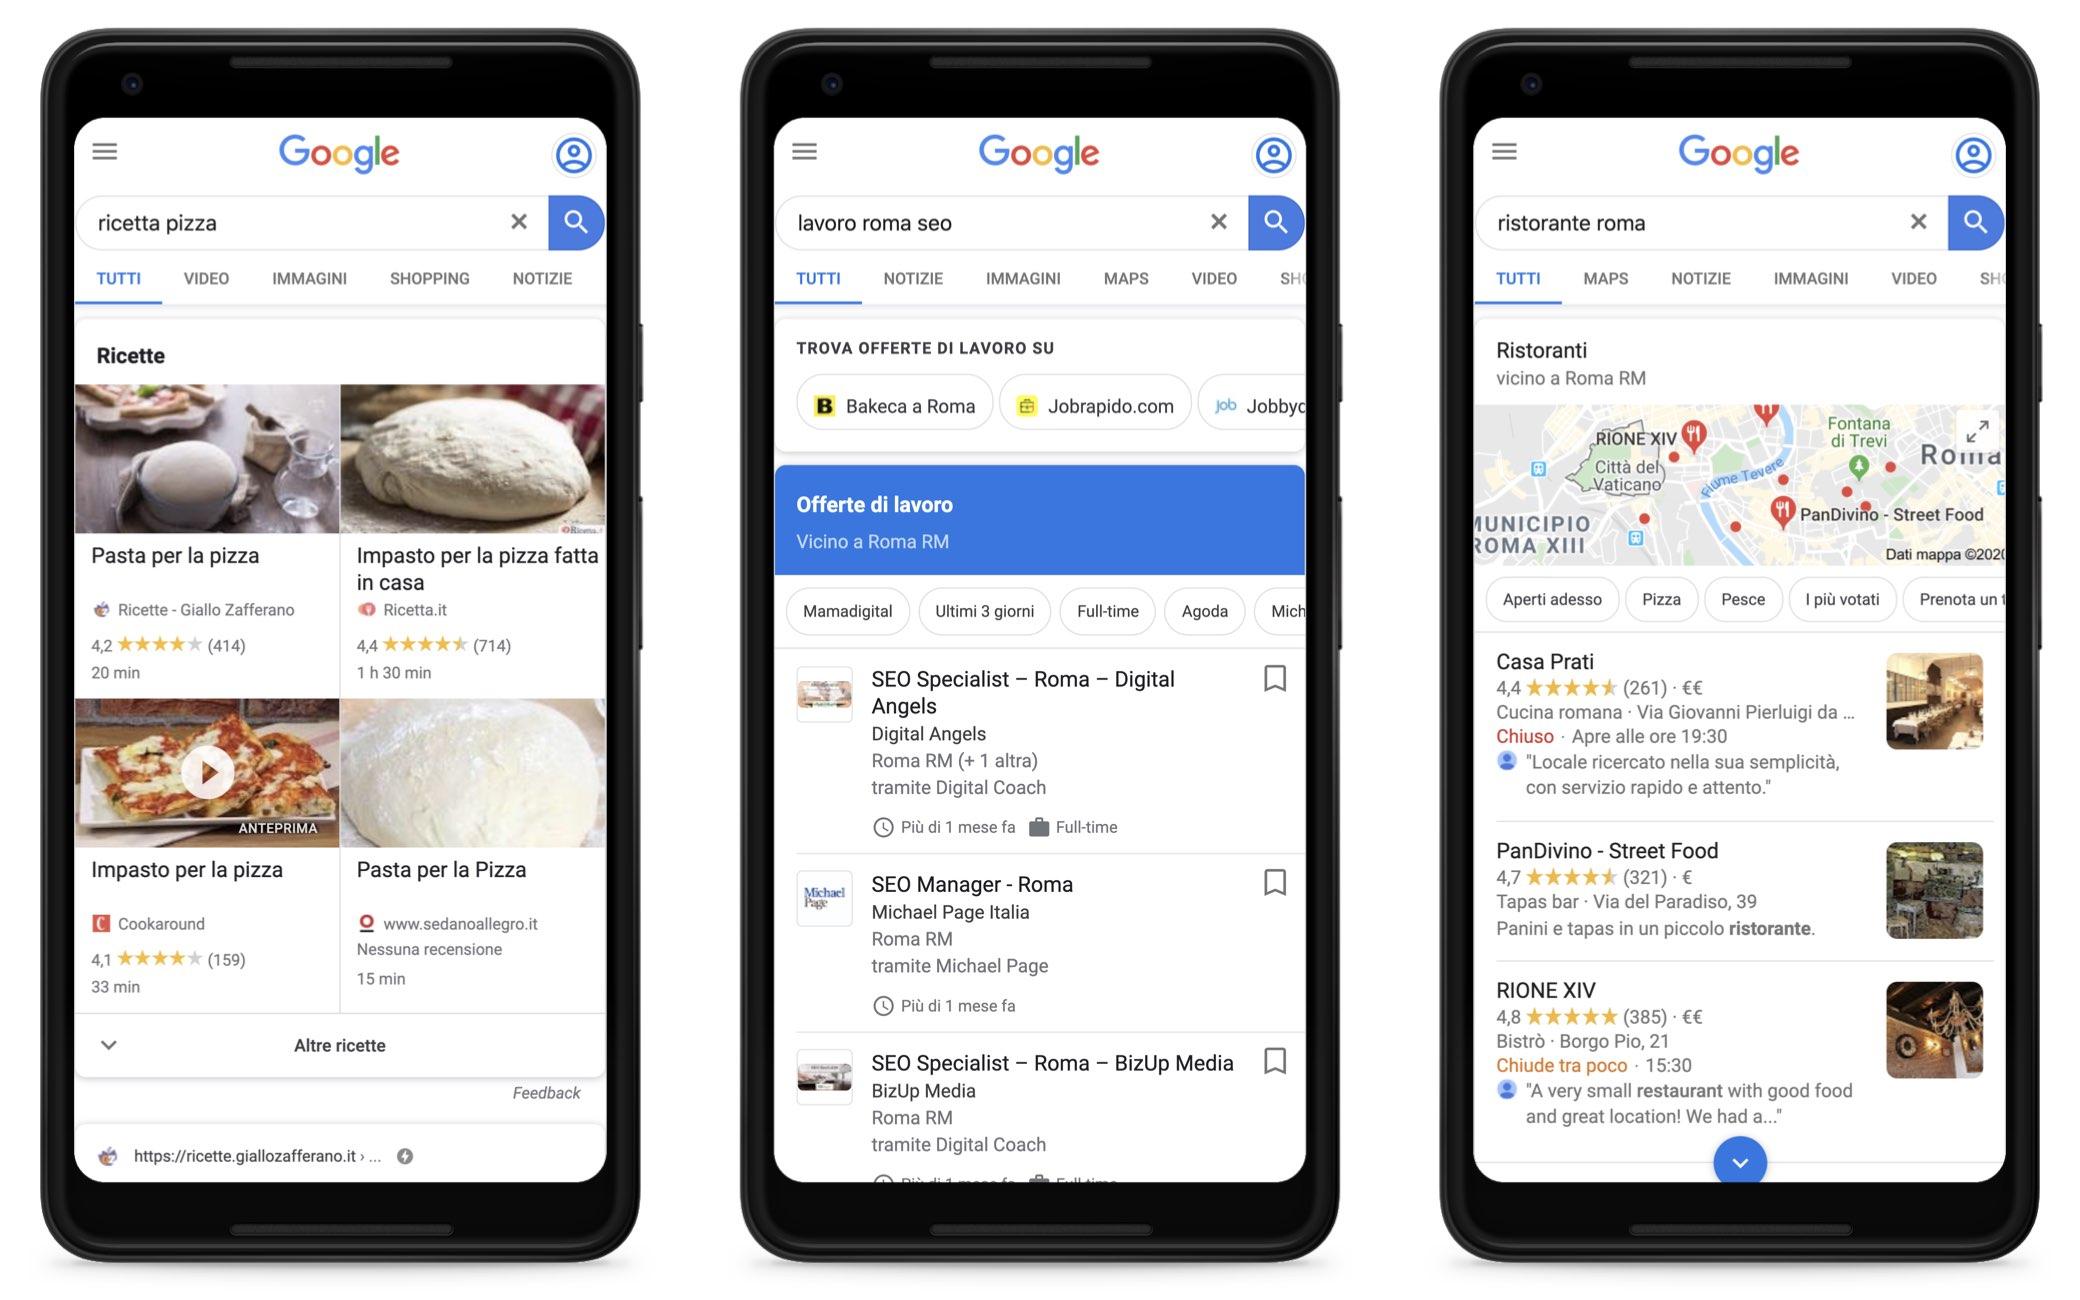 Esempi di risultati per ricerche relative a ricette, offerte di lavoro e ristoranti.